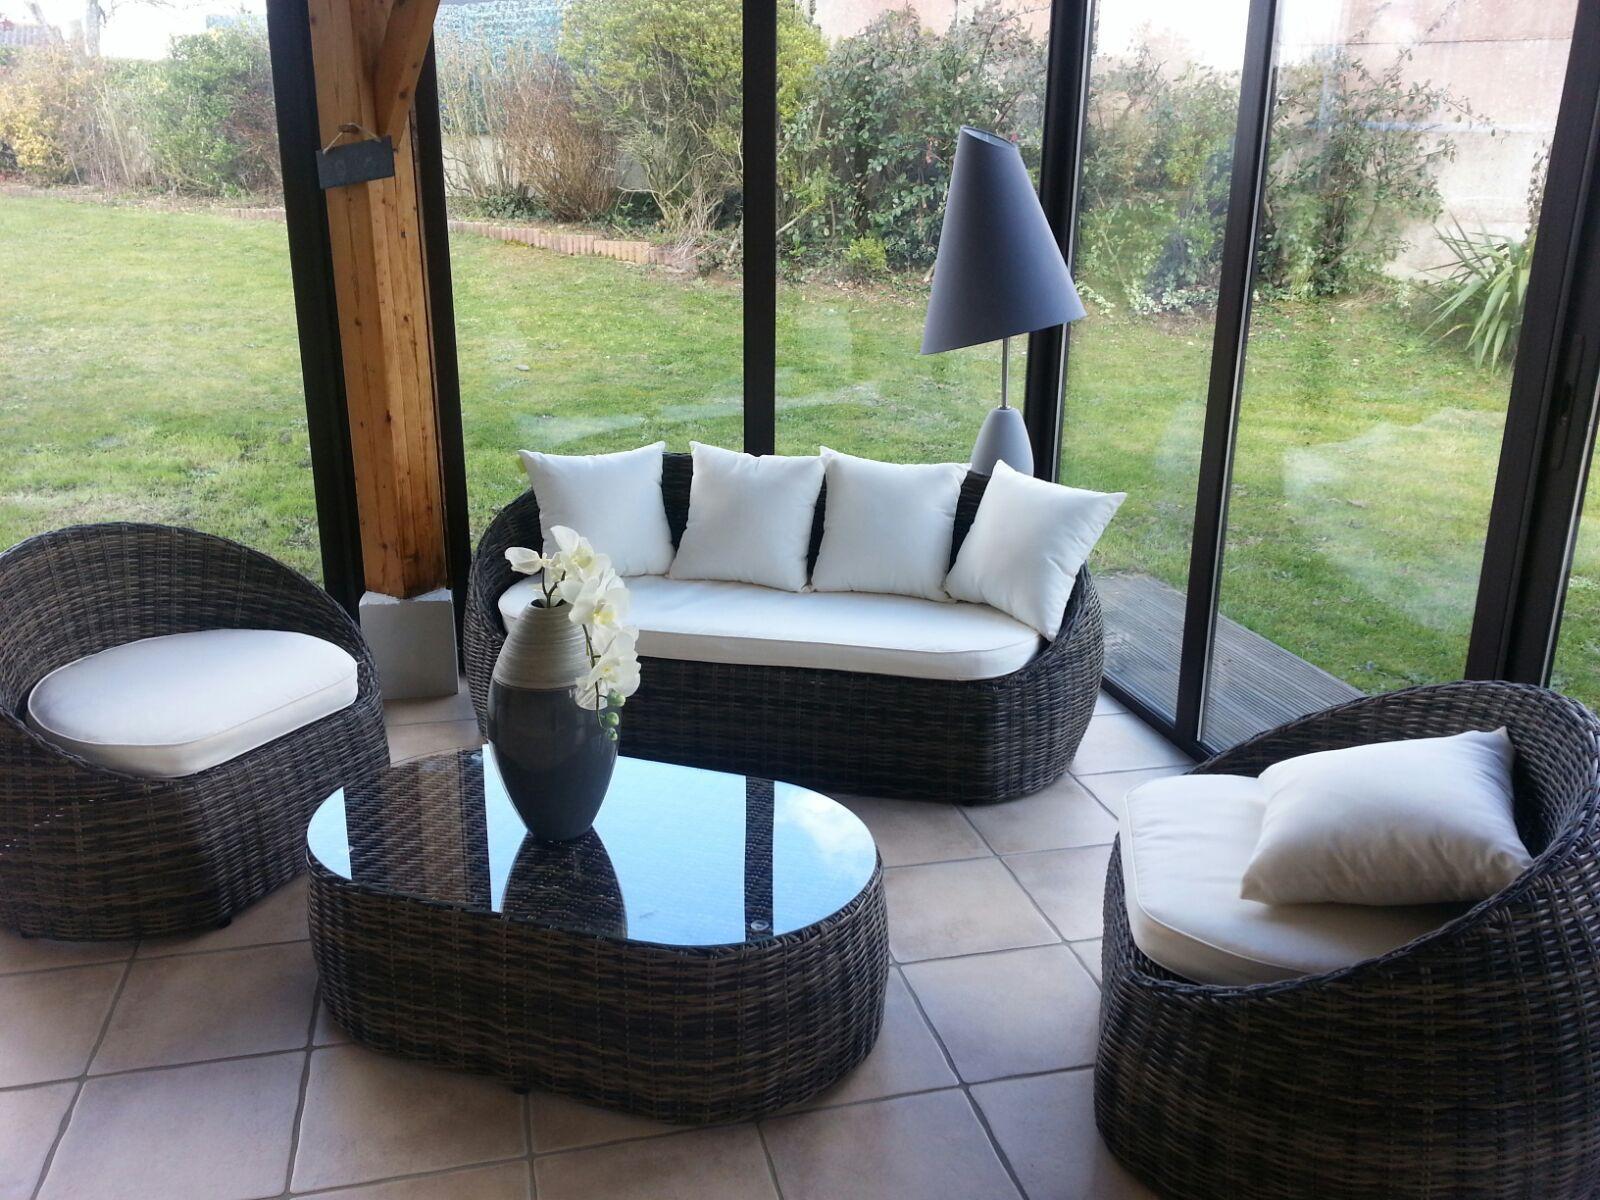 Amazon Canape D Angle Inspirant Image Amazone Salon De Jardin Resine Amazing Amazon Salon De Jardin En